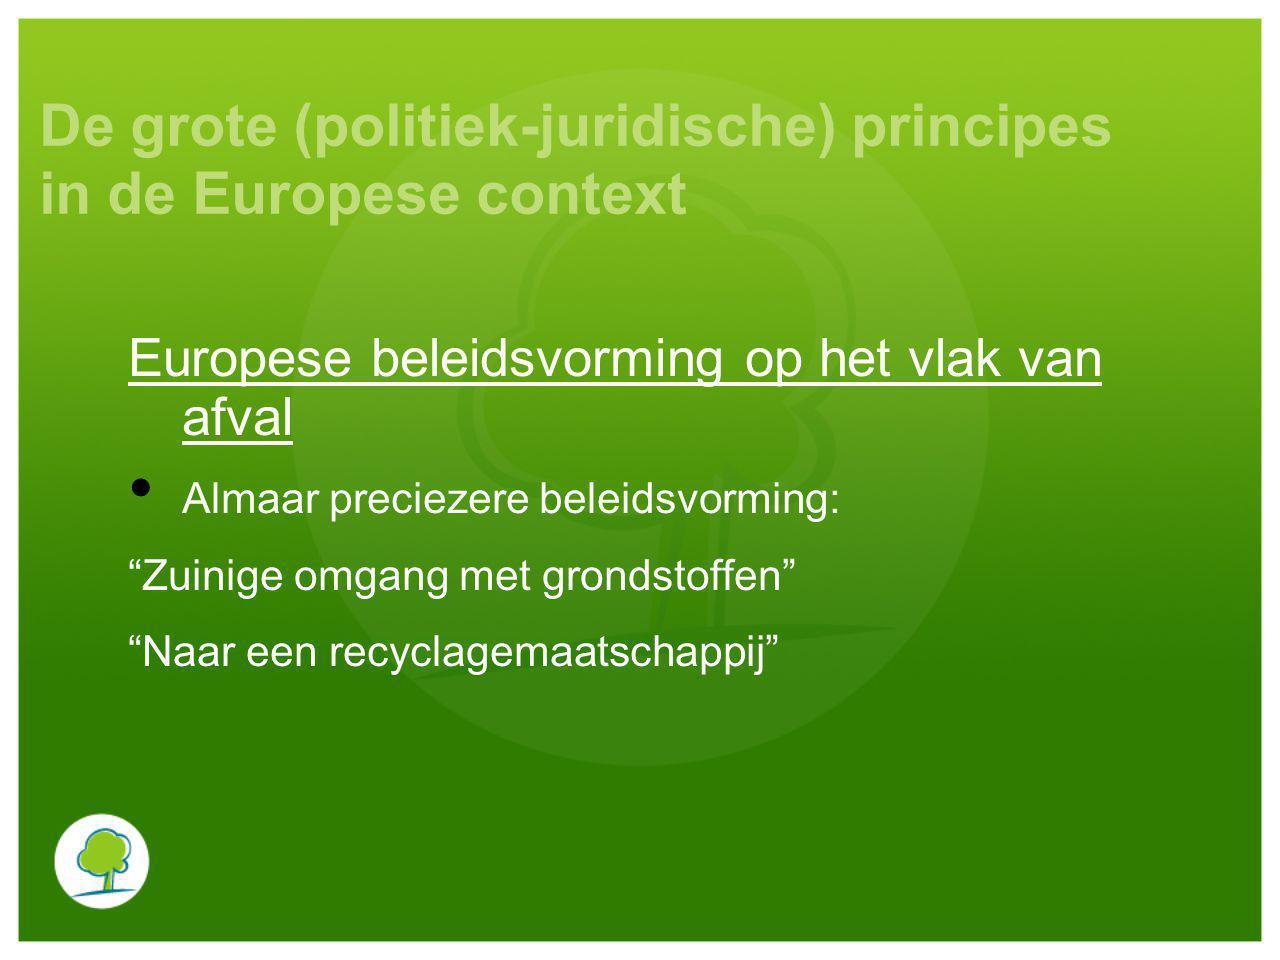 De grote (politiek-juridische) principes in de Europese context Europese beleidsvorming op het vlak van afval Almaar preciezere beleidsvorming: Zuinige omgang met grondstoffen Naar een recyclagemaatschappij